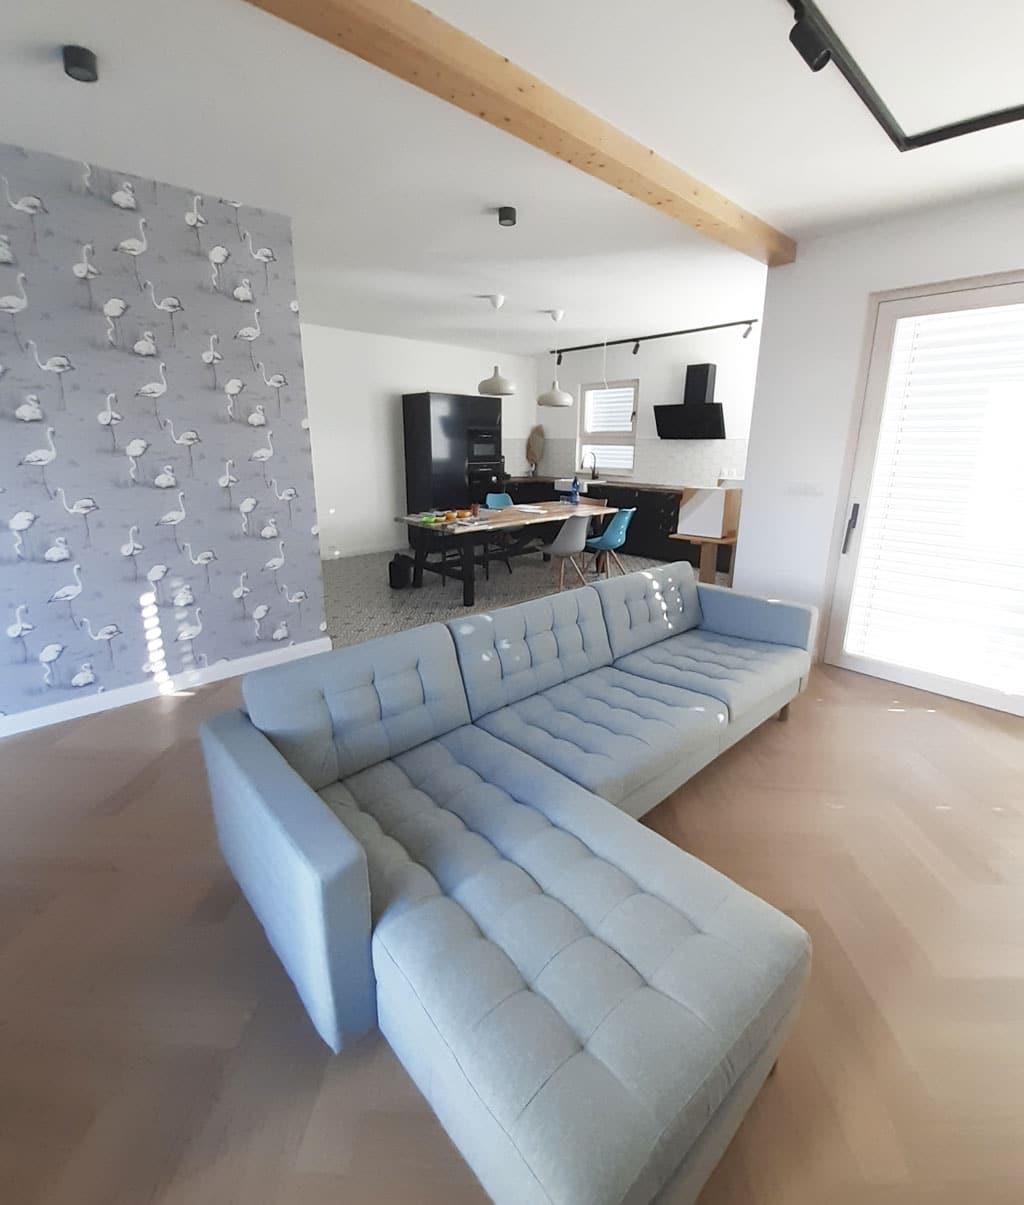 Vysnívaný exkluzívny dom na kľúč nielen pre mladých Atrium, interier